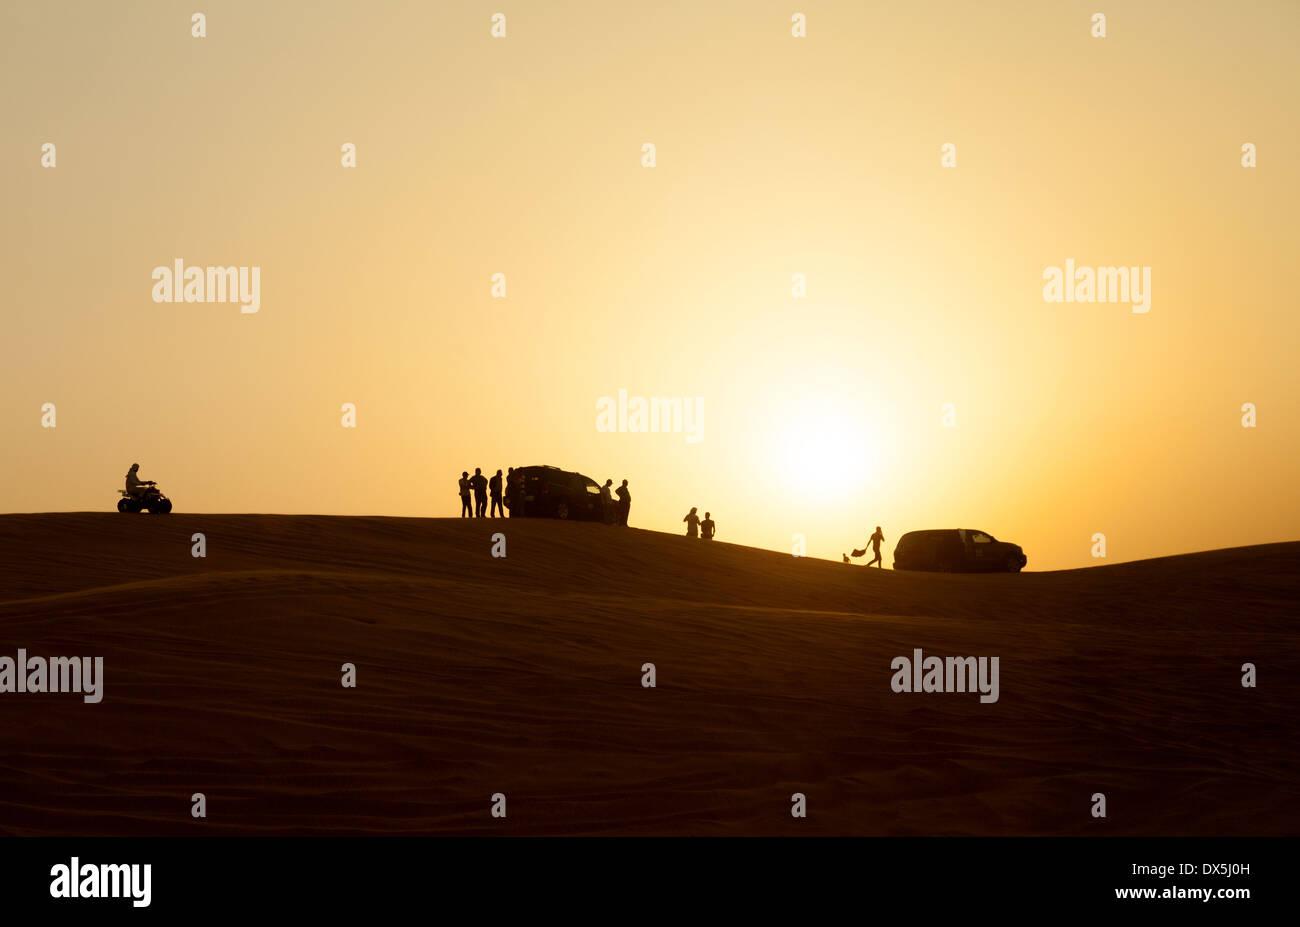 Dubai Desert Safari - personas viendo la puesta de sol desde las dunas, el desierto de Arabia, Dubai, EAU, Emiratos Arabes Unidos, Oriente Medio Imagen De Stock